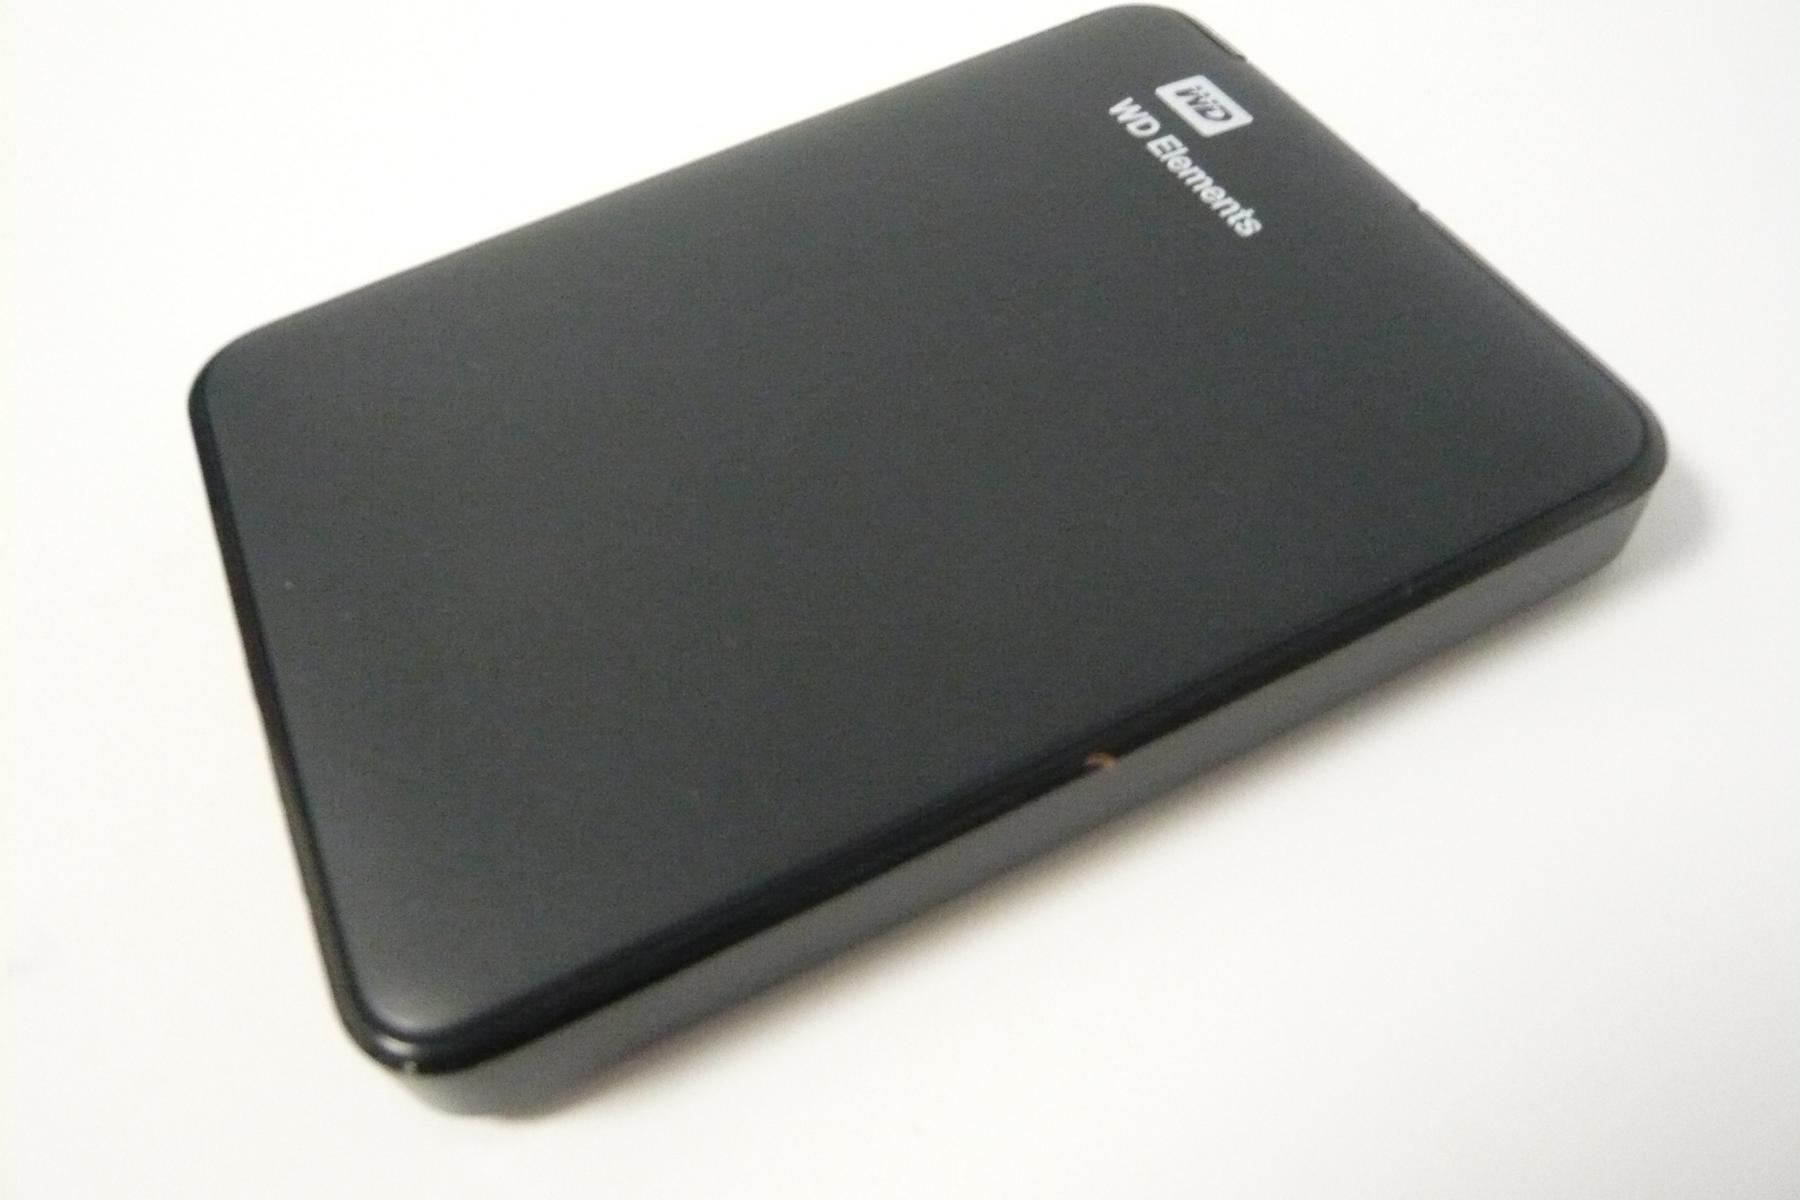 DYSK ZEWNĘTRZNY 750 GB WD ELEMENTS